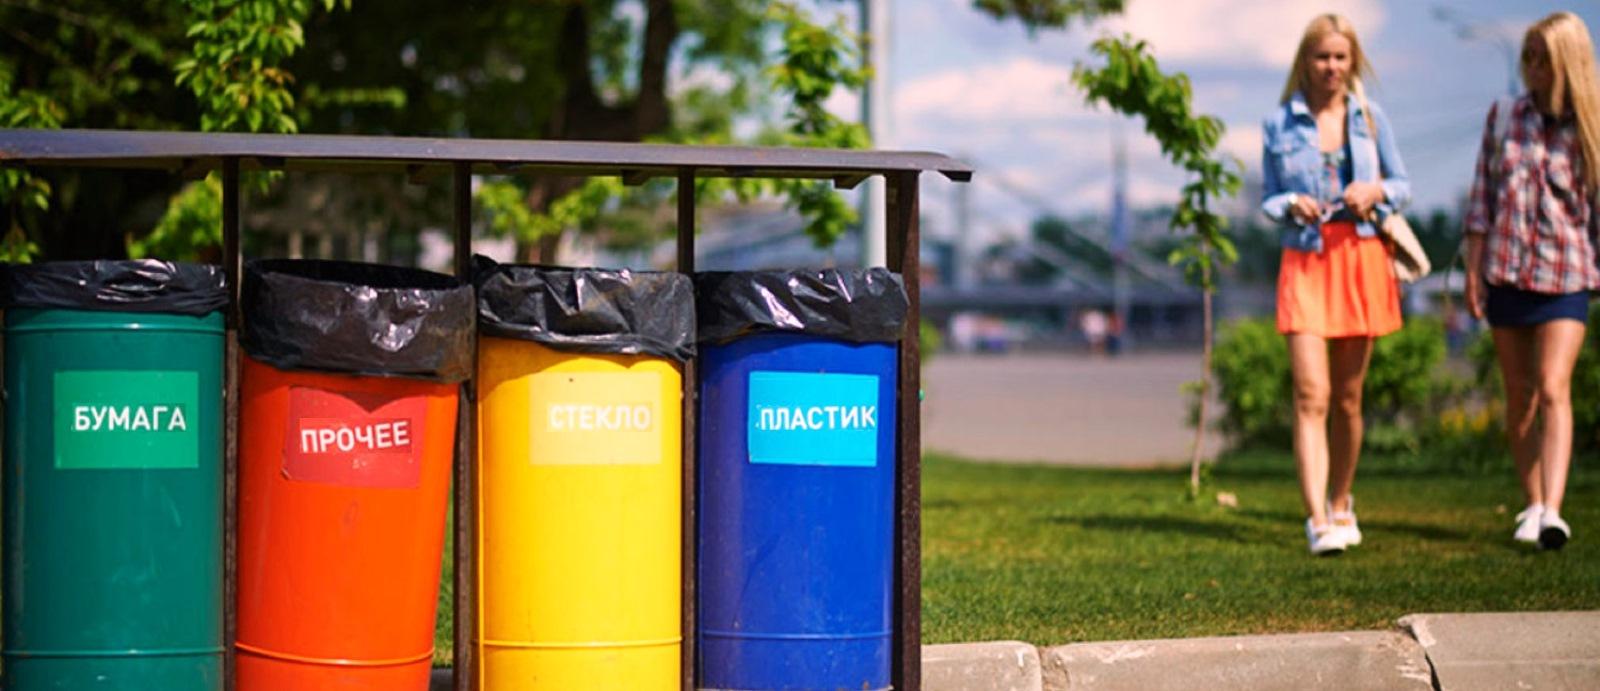 О том, какправильно сортируют отходы мы и поговорим сегодня. А свое экспертное мнение по данному вопросу выскажут специалисты одной из компаний, поставляющих на российский рынок профильное оборудование для сбора и сортировки отходов.